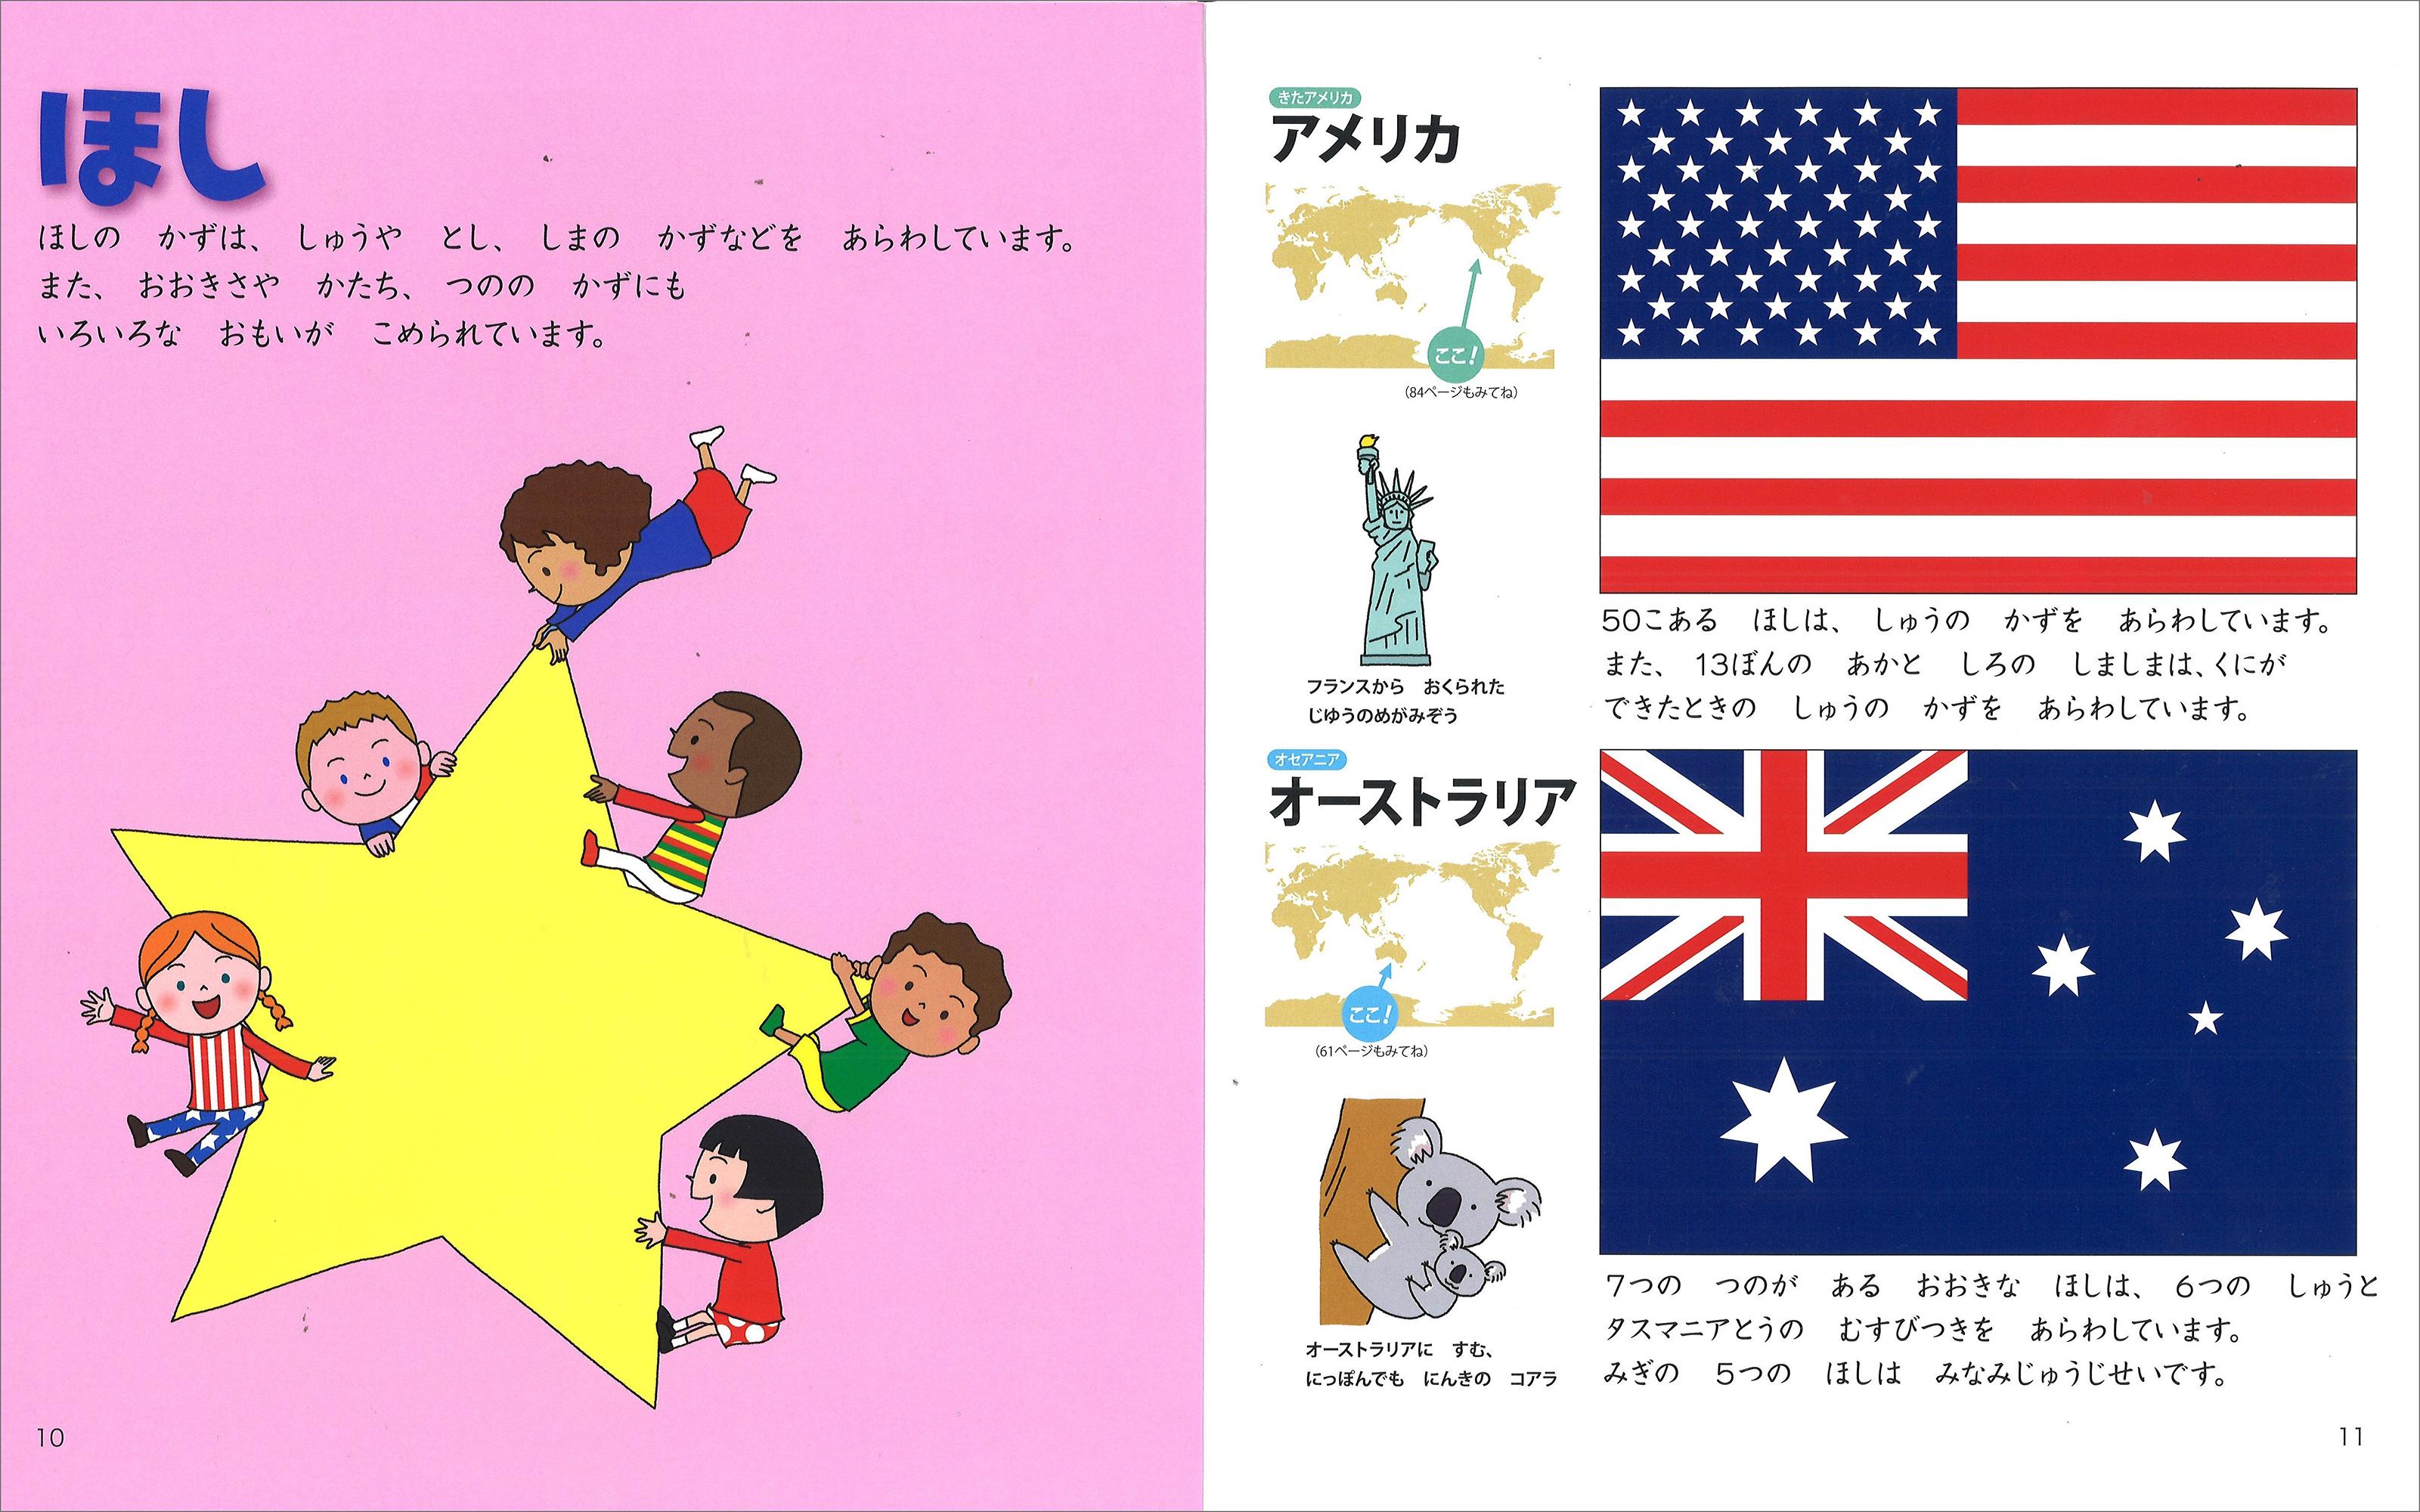 『世界がわかる こっきのえほん 三訂版』紙面